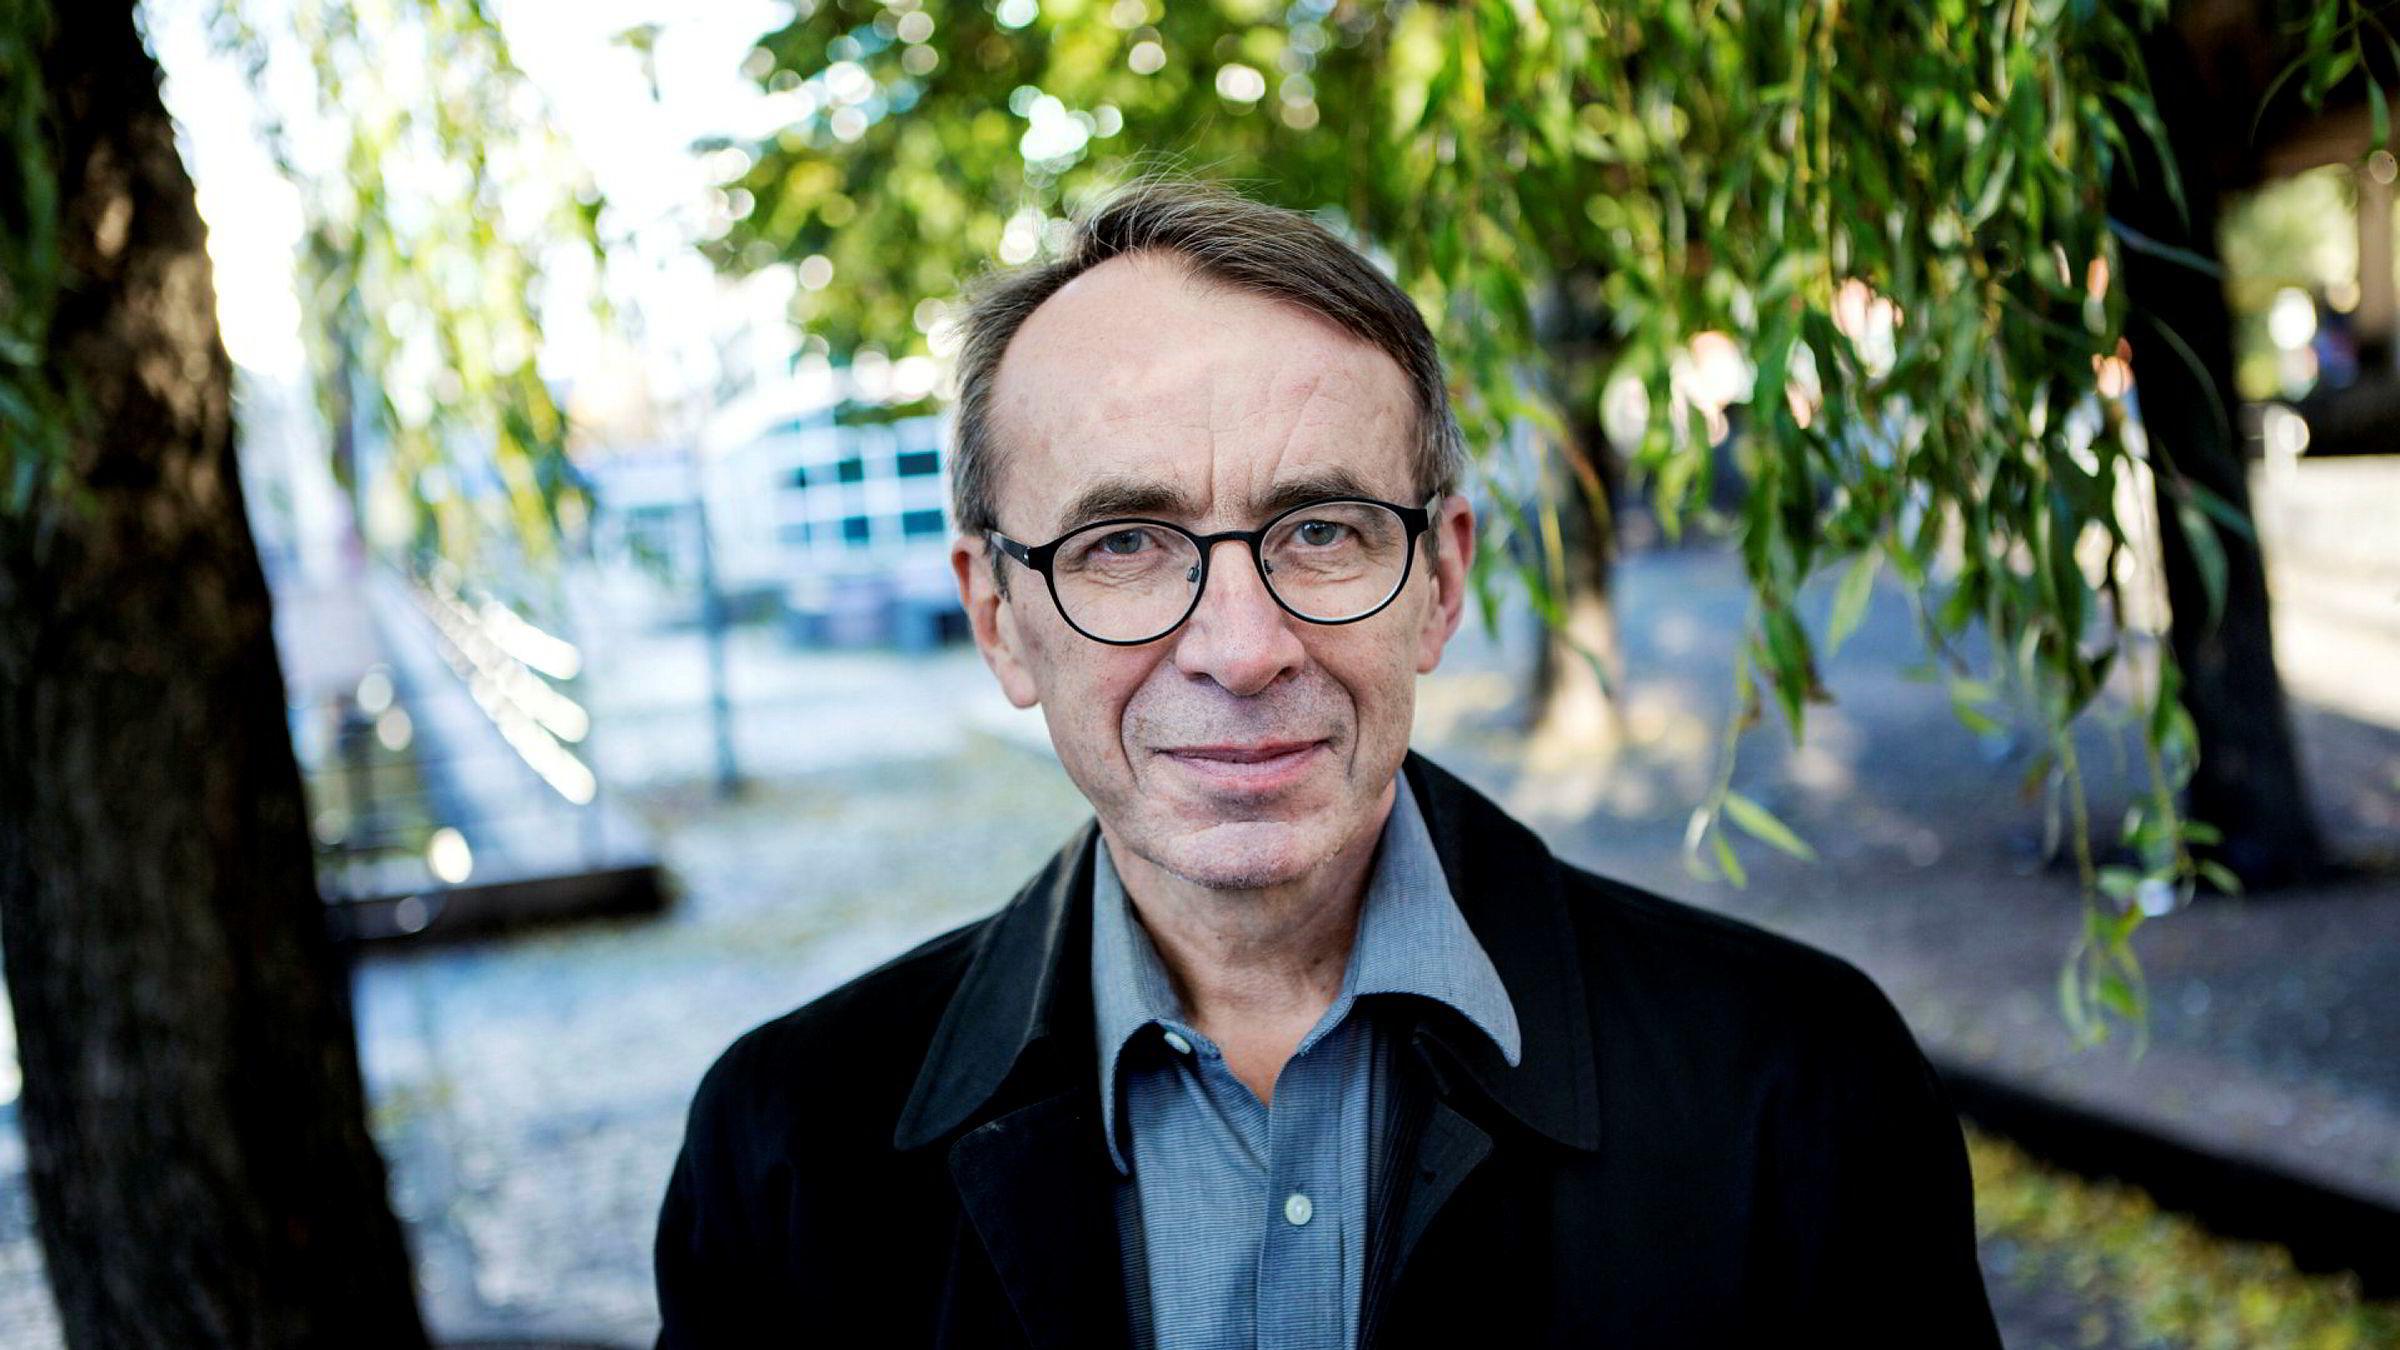 Skatterettsprofessor Ole Gjems-Onstad mener det er gått inflasjon i menneskerettighetene og at de utgjør et demokratisk problem, skriver forfatteren.